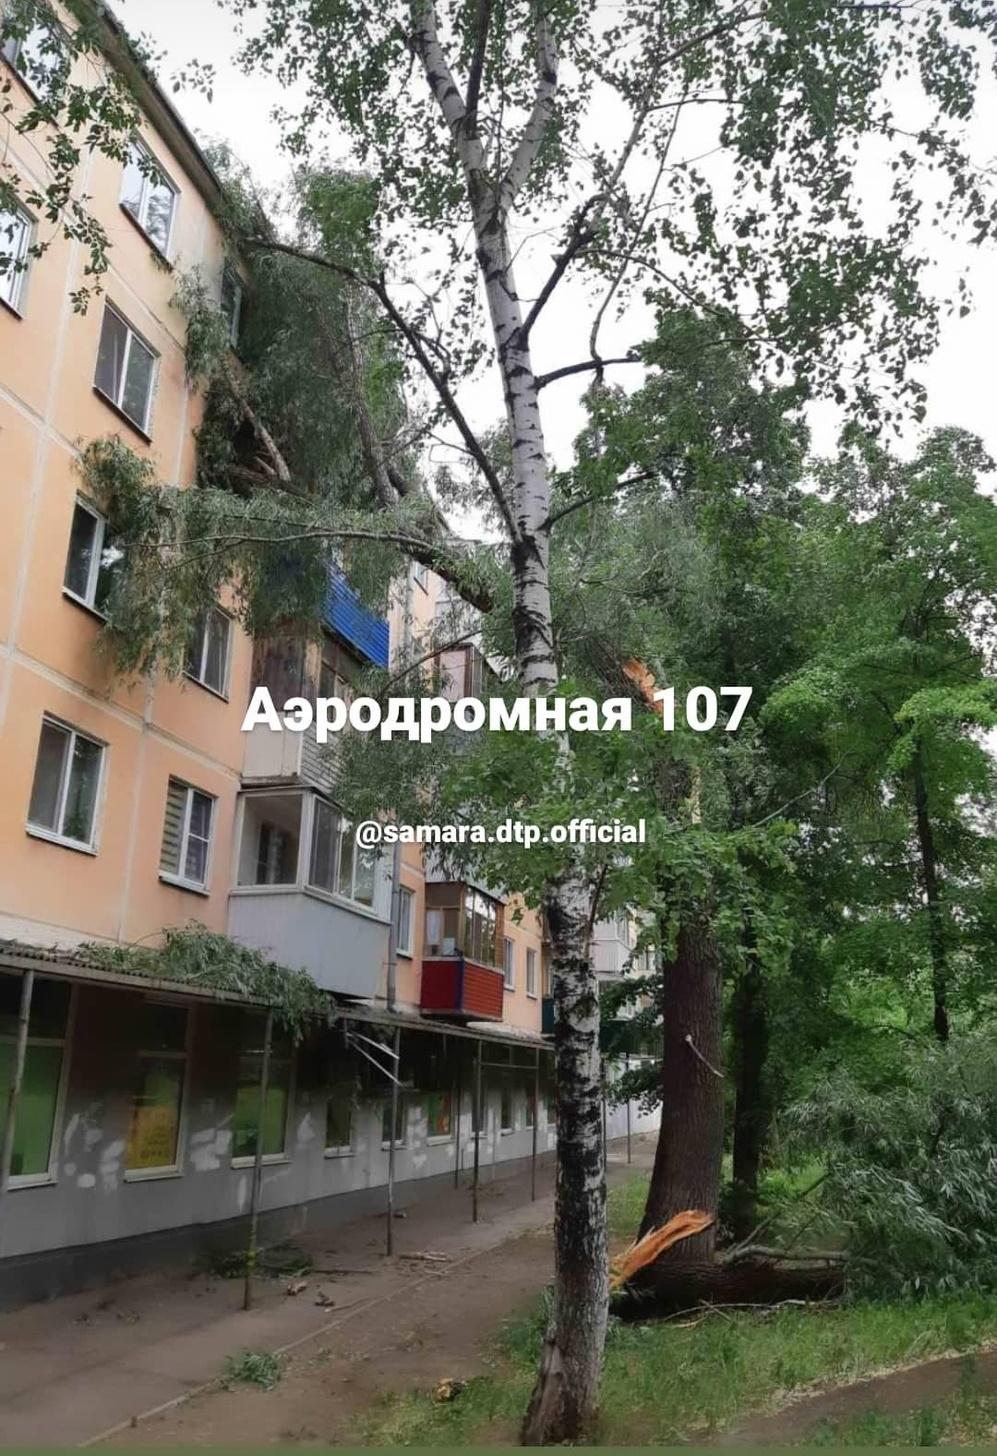 В Самаре на улице Аэродромной упавшее дерево выбило окна в квартире